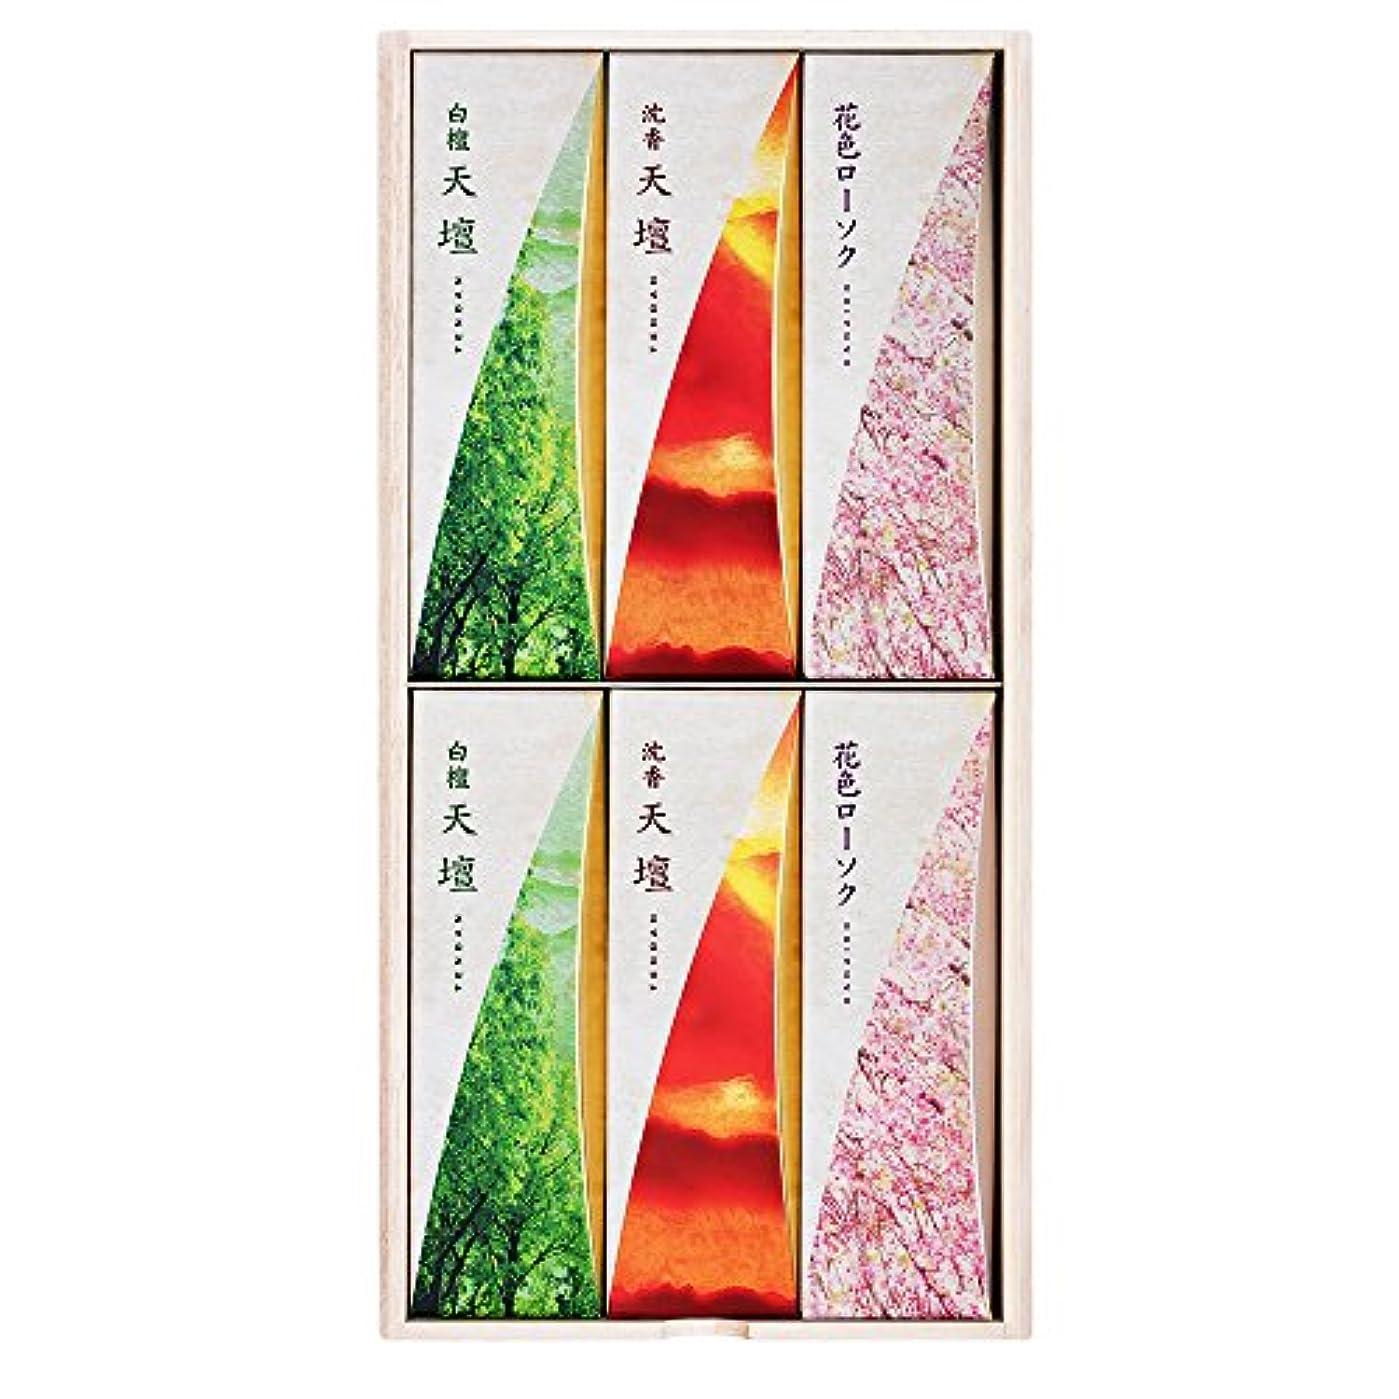 コスト薄暗いピービッシュ天壇進物3000 桐箱 包装品 (白檀の香り2箱、沈香の香り2箱、花色ローソク2箱)